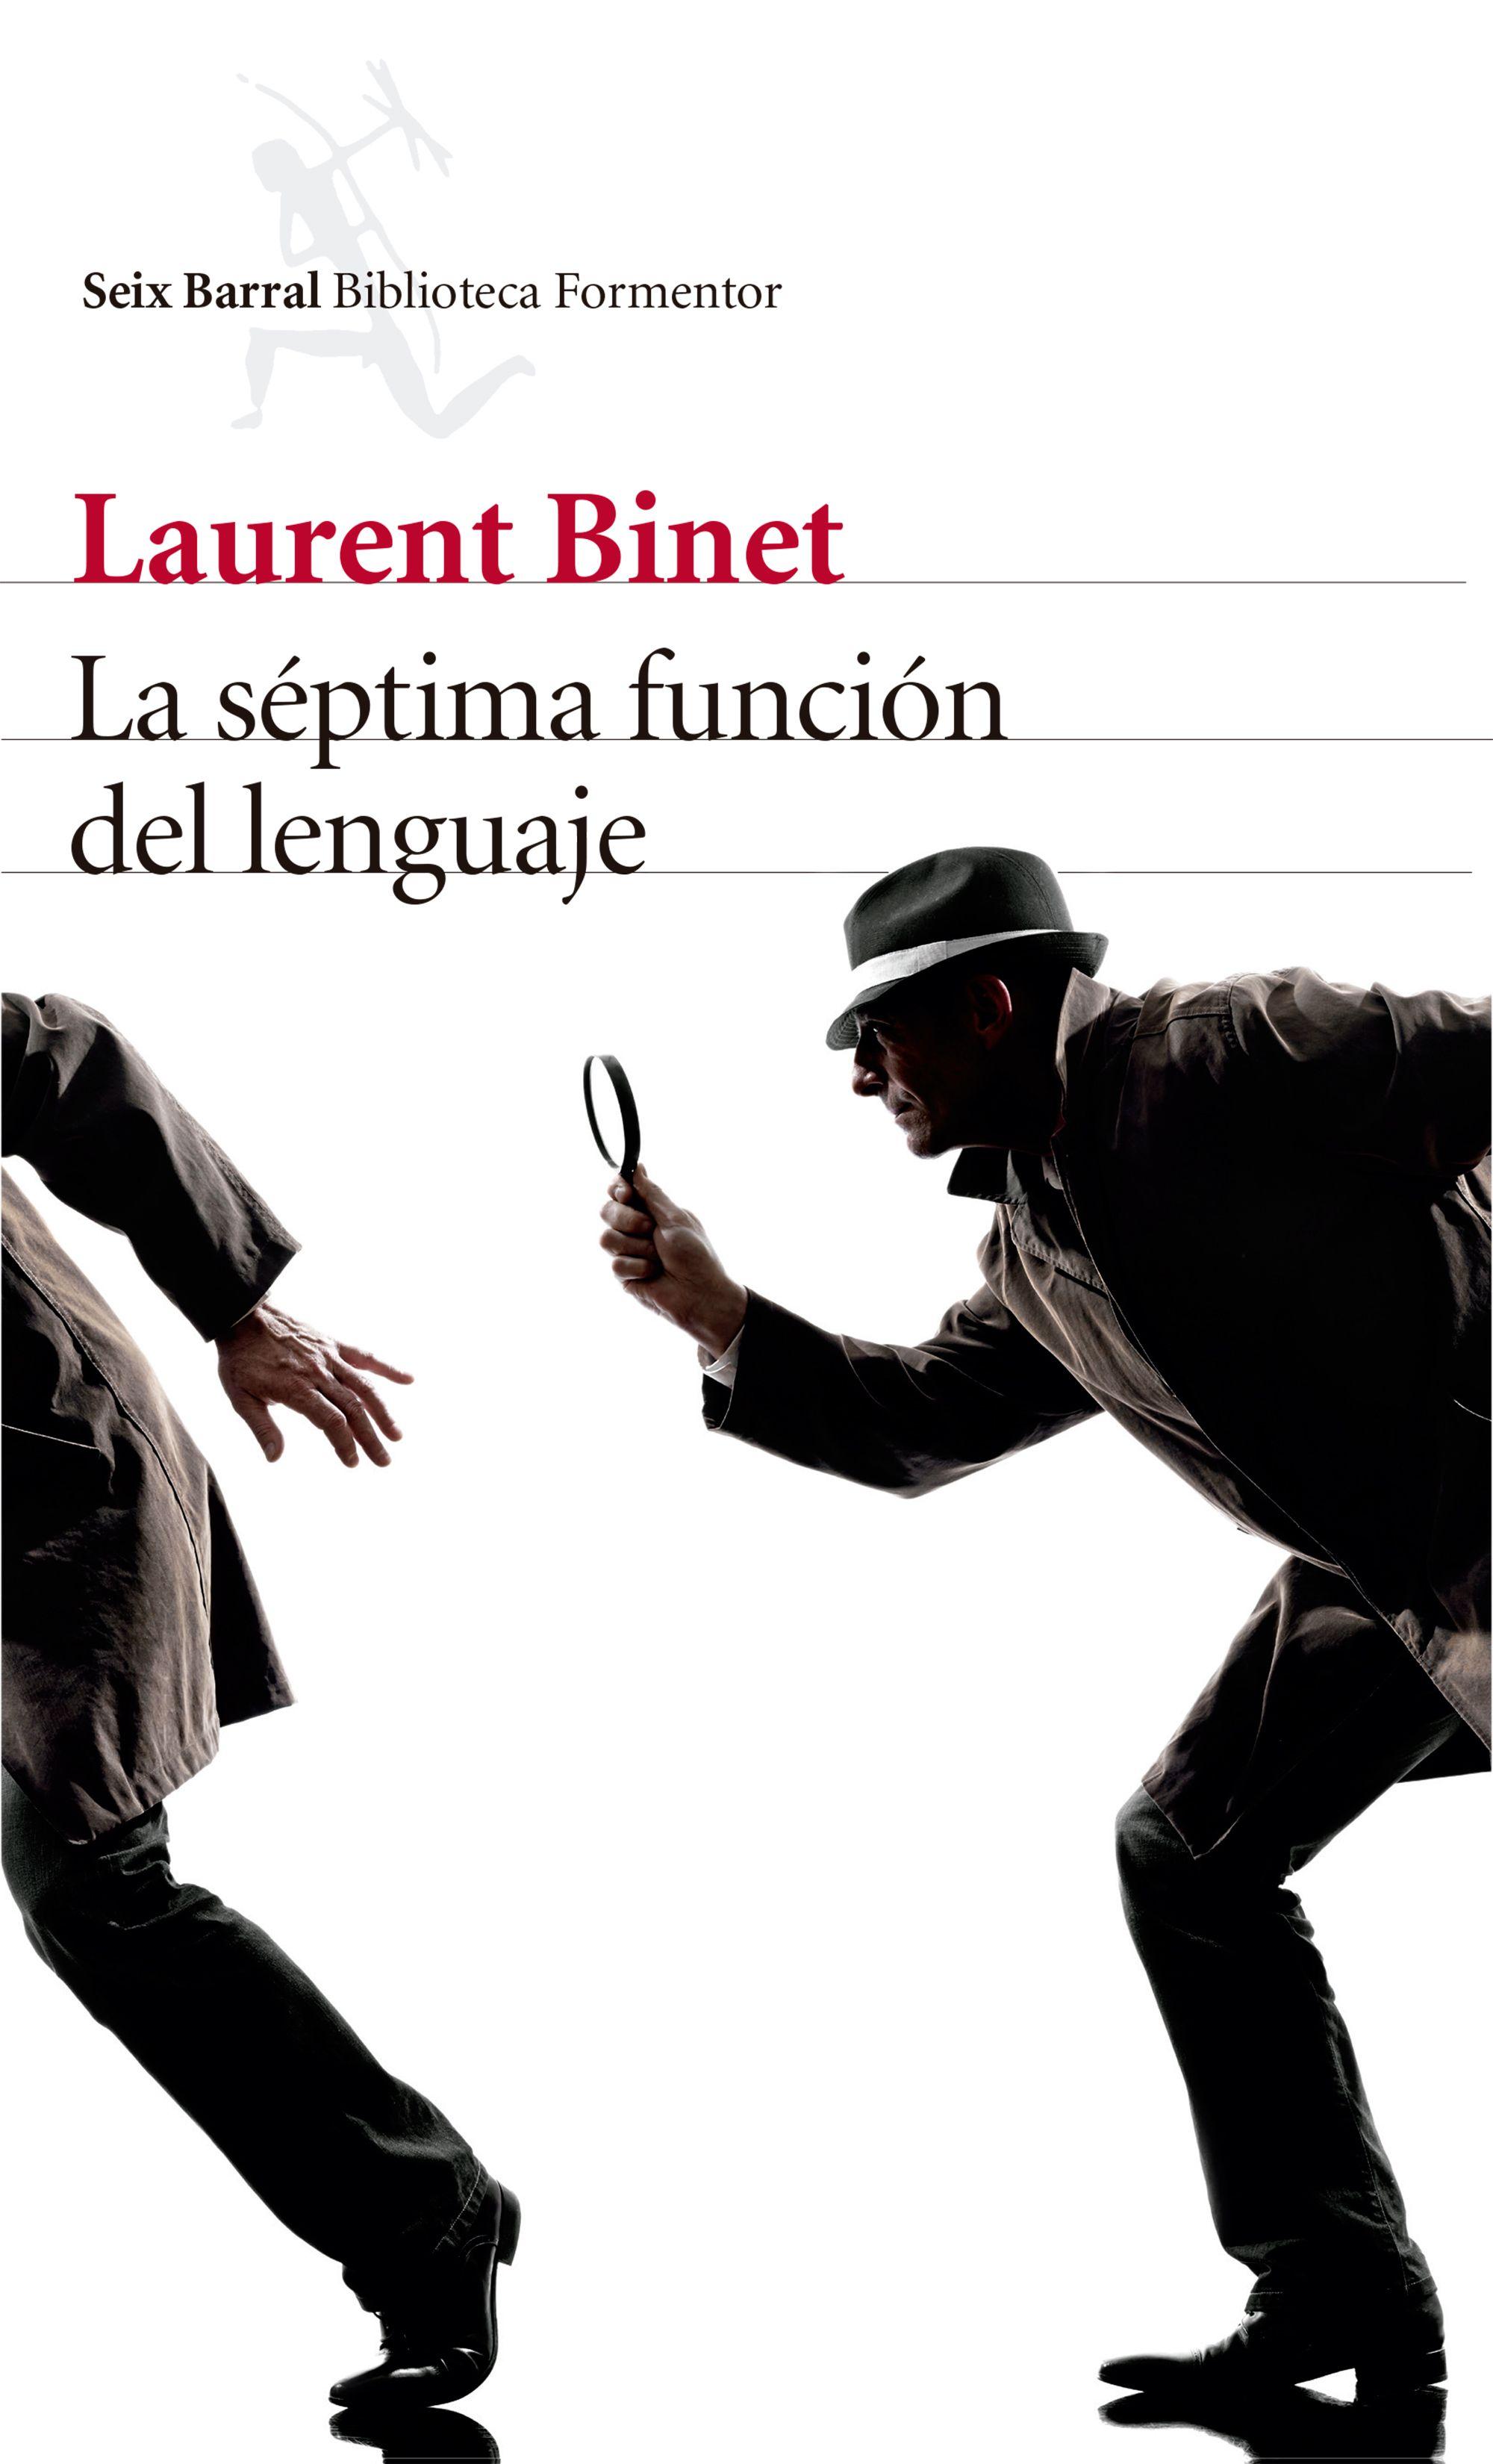 La Séptima Función del Lenguaje - Laurent Binet - Seix Barral